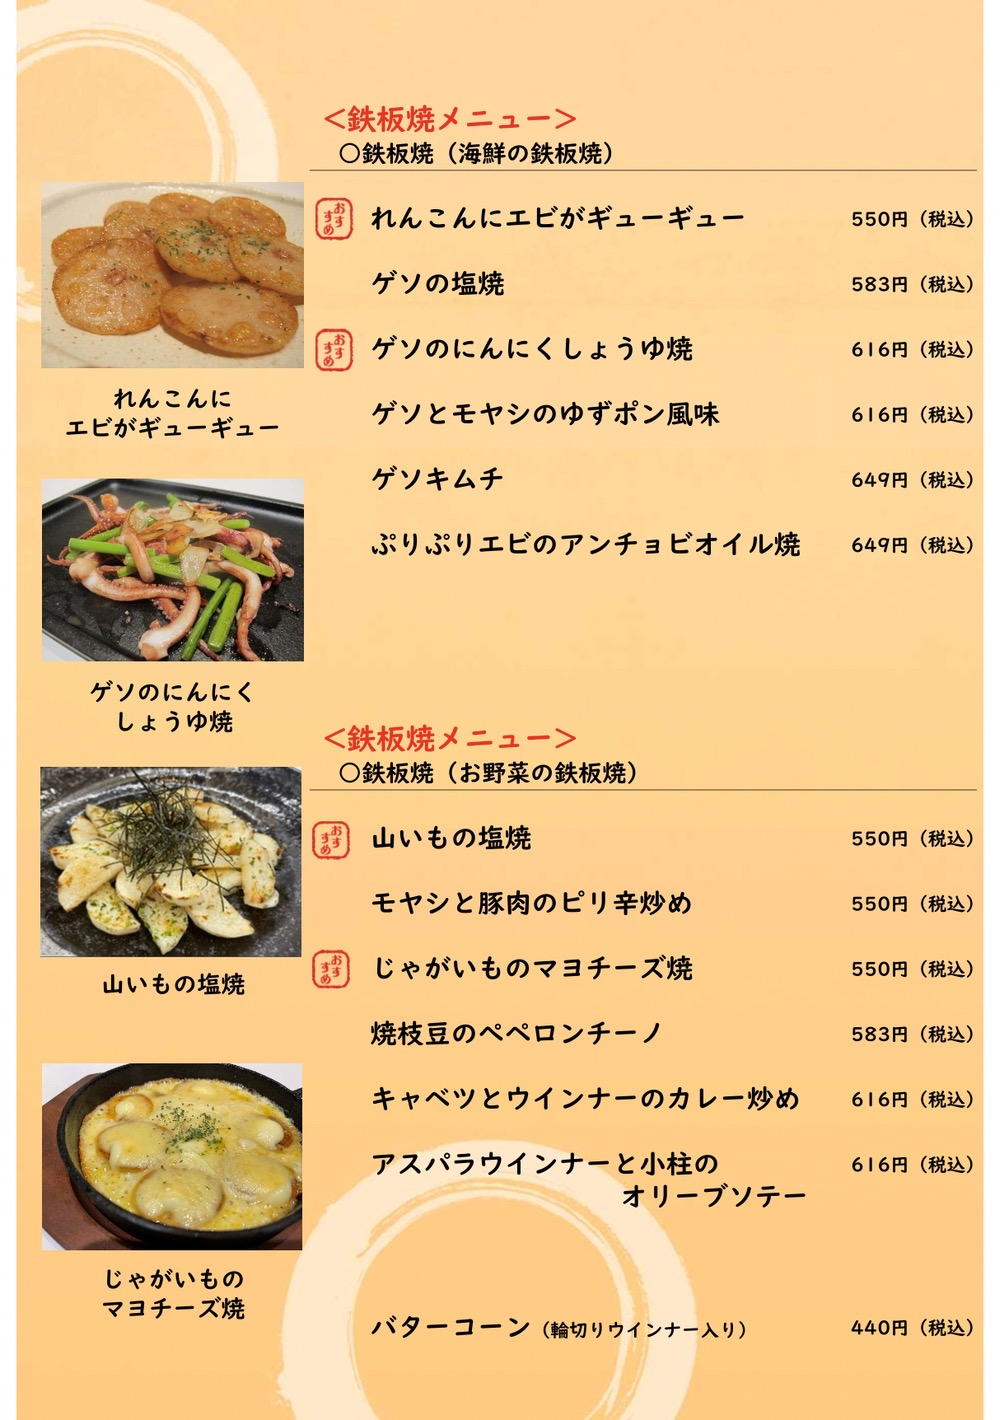 鉄板食堂みなはれ 鉄板焼メニュー(海鮮の鉄板焼・お野菜の鉄板焼)